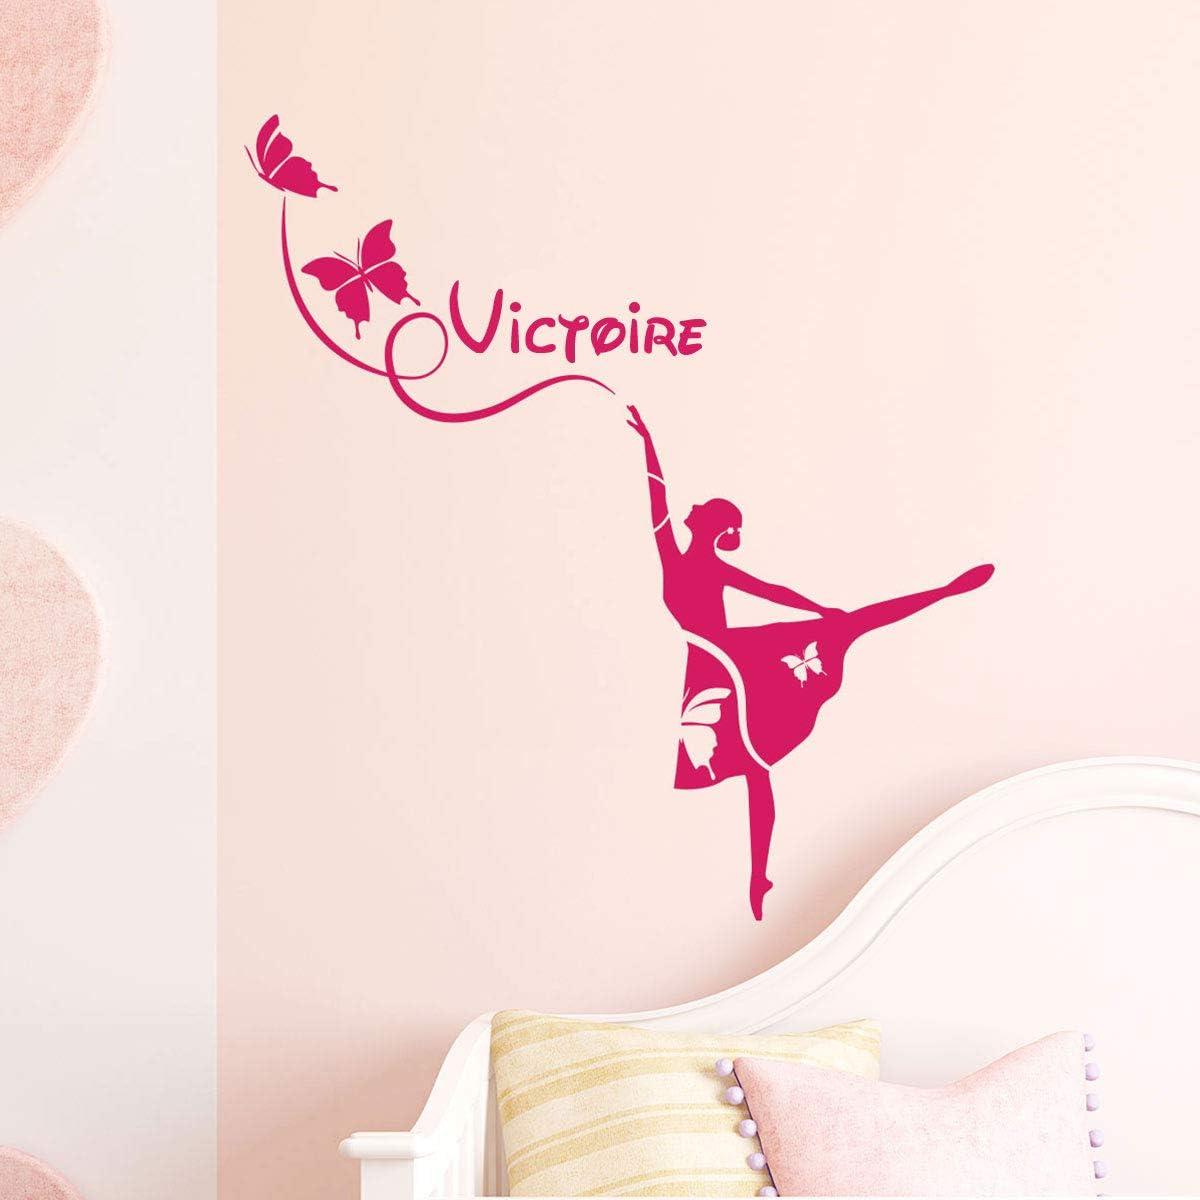 Sticker Autocollant F/ée sur la Lune Stickers Pr/énom Personnalis/é Violet D/écoration Murale Chambre Enfant 2 Planches de 30 x 20 cm et 60 x 25 cm